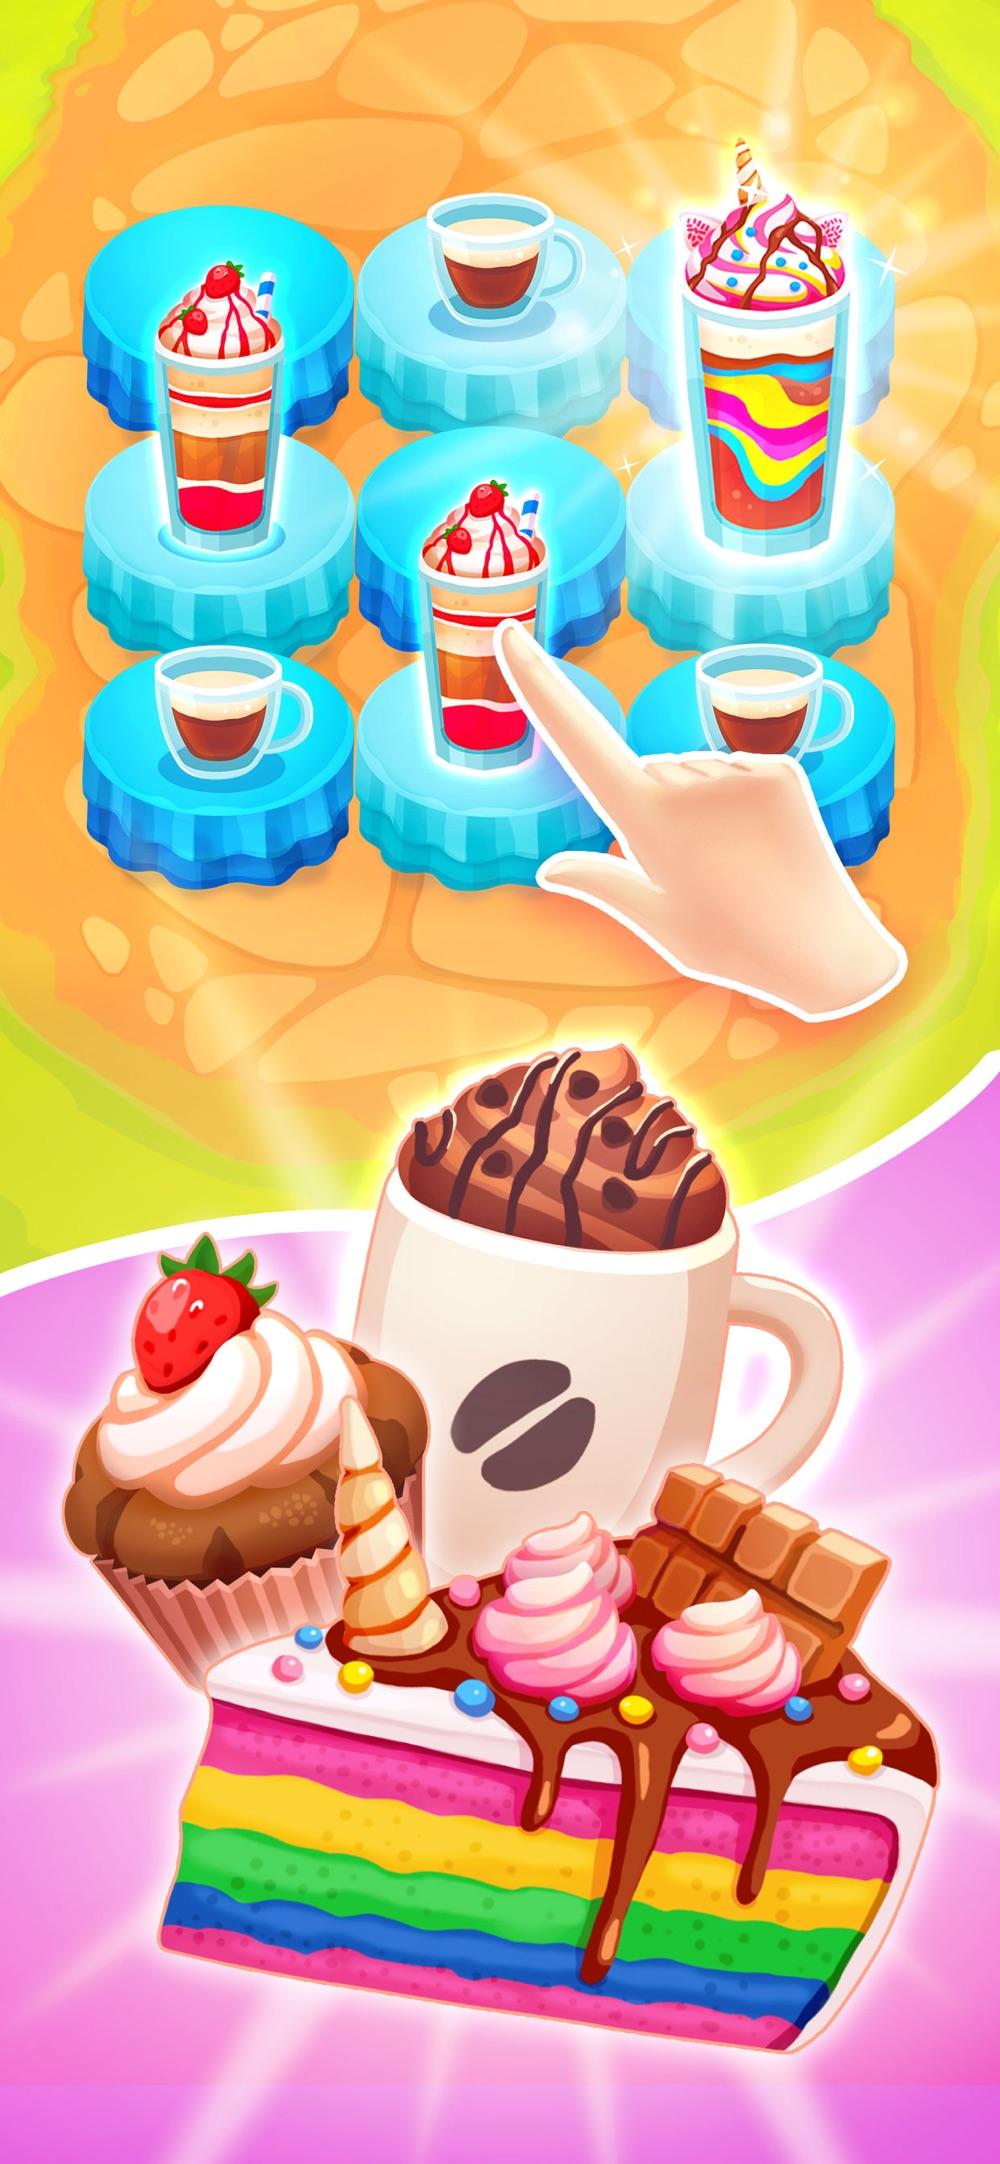 Cafe Merge: Dessert Maker hack tool